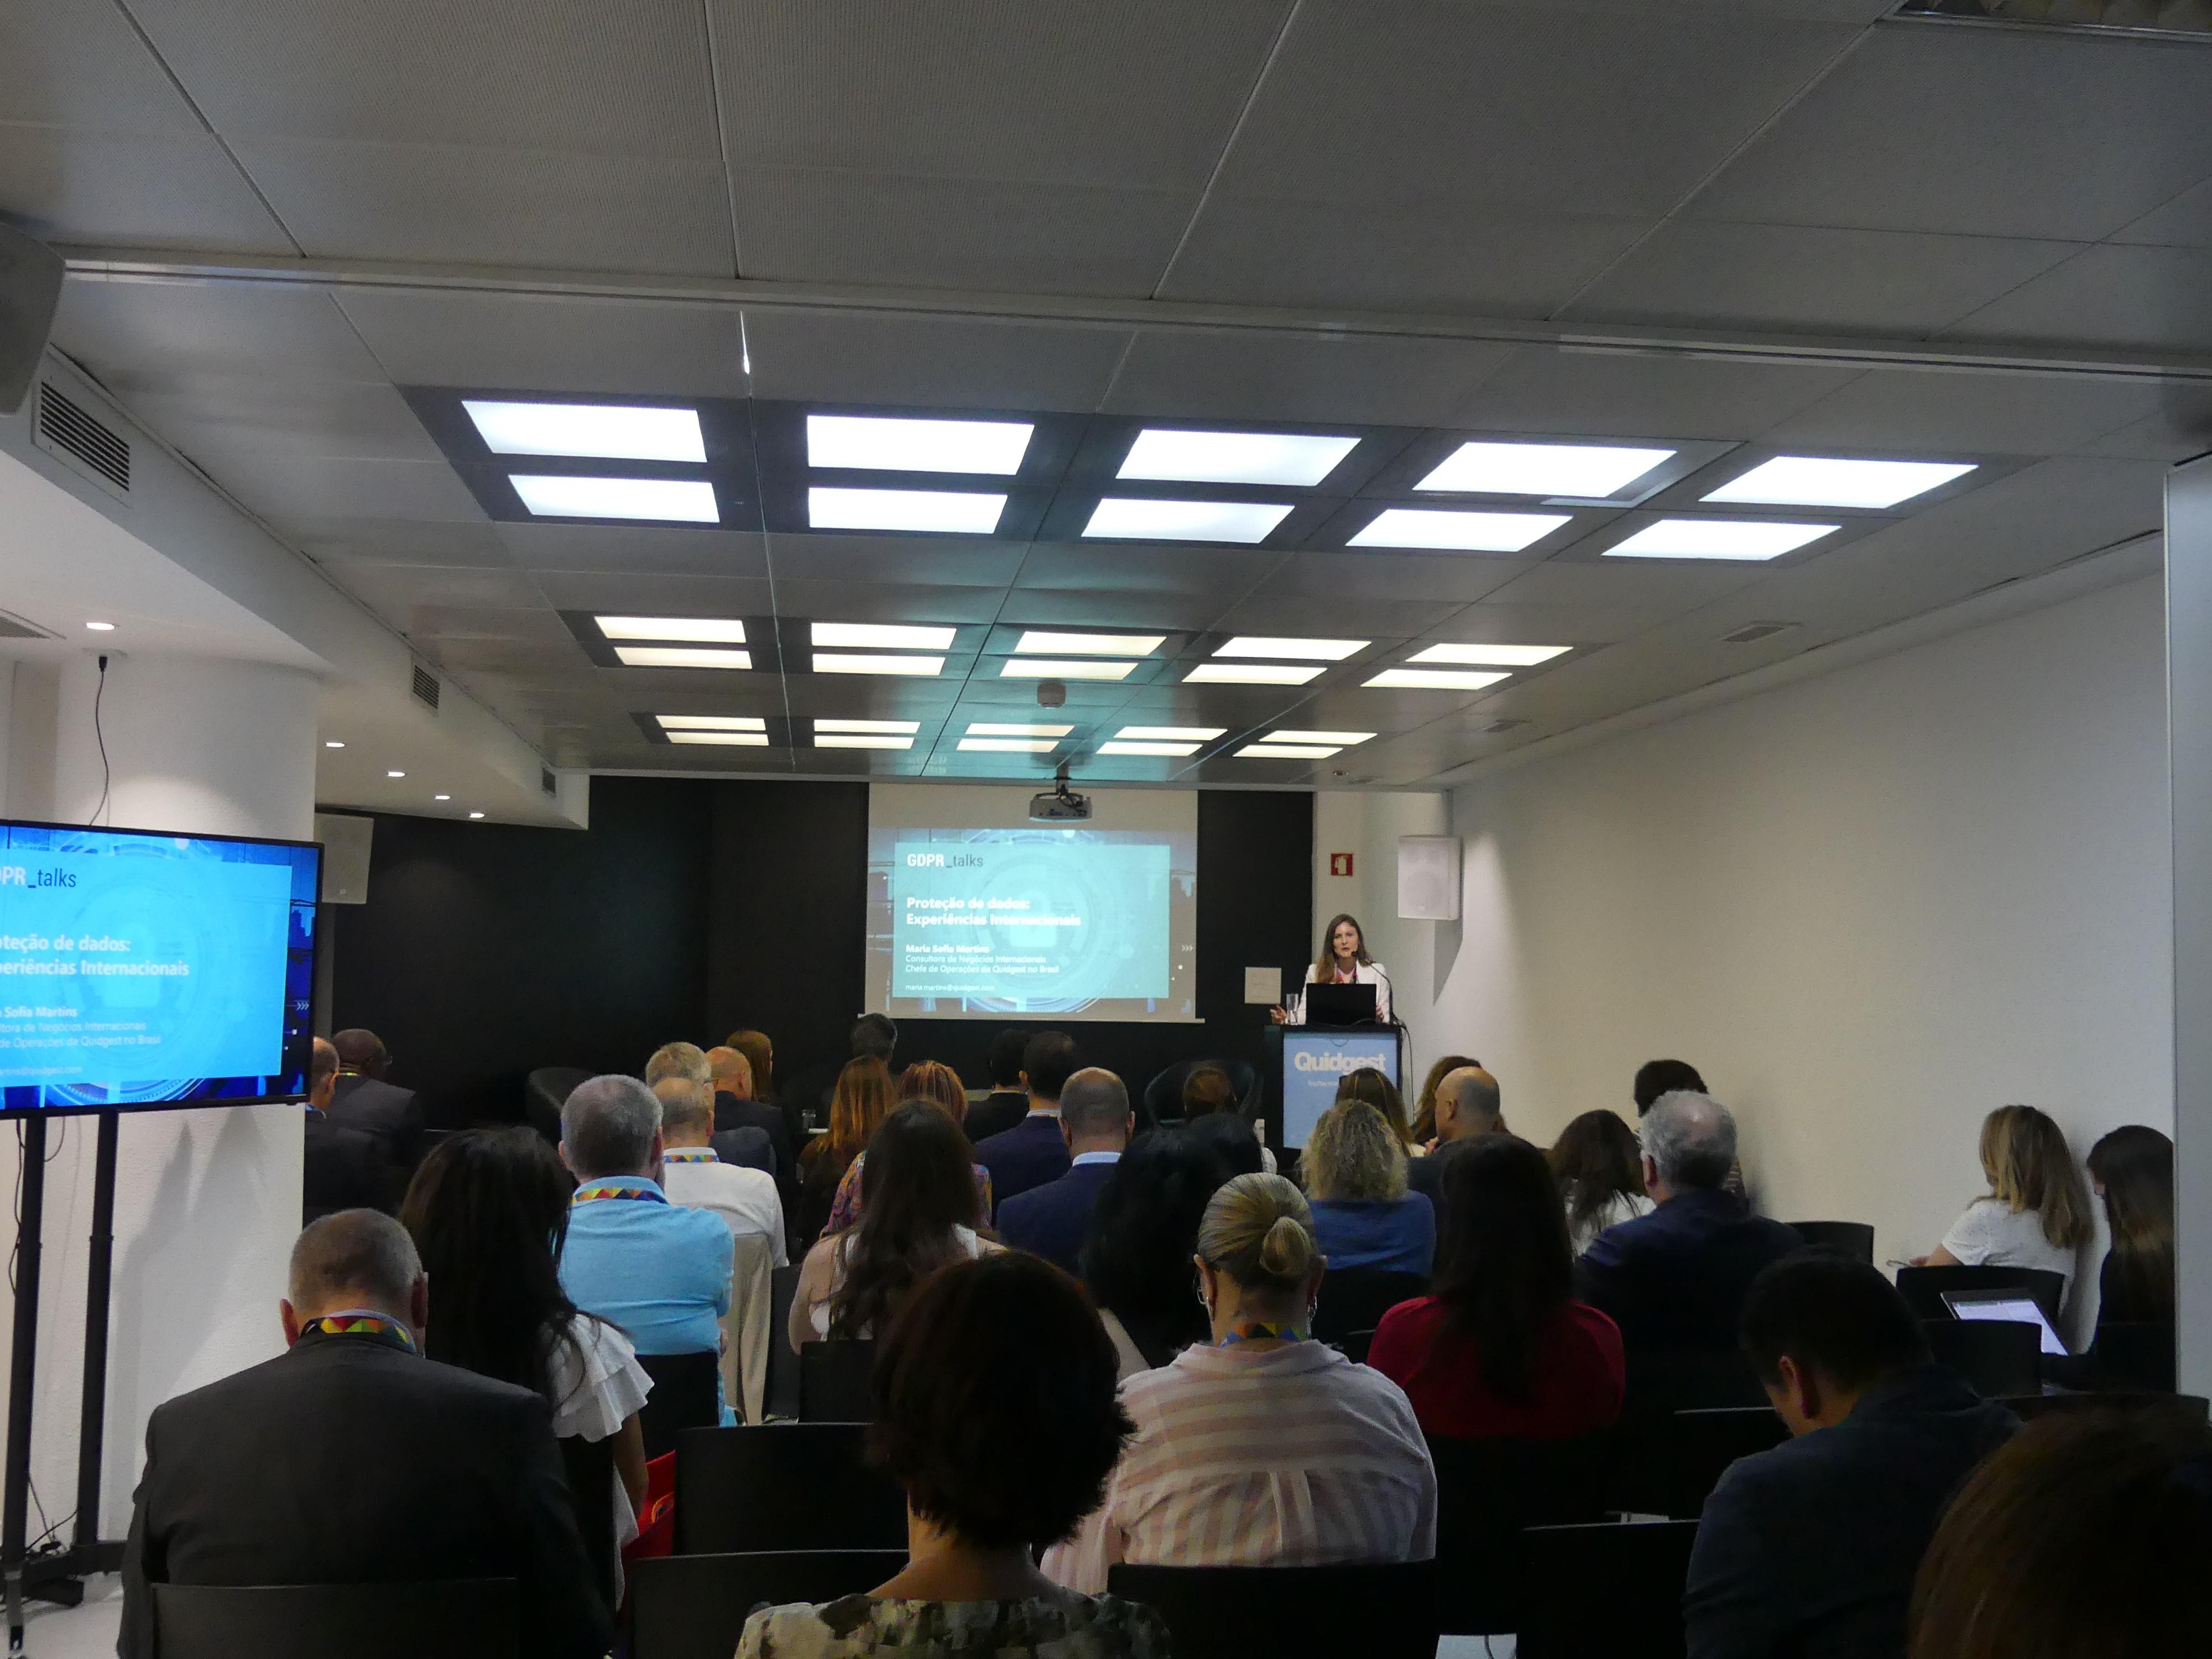 evento sobre regulamento geral de proteção de dados